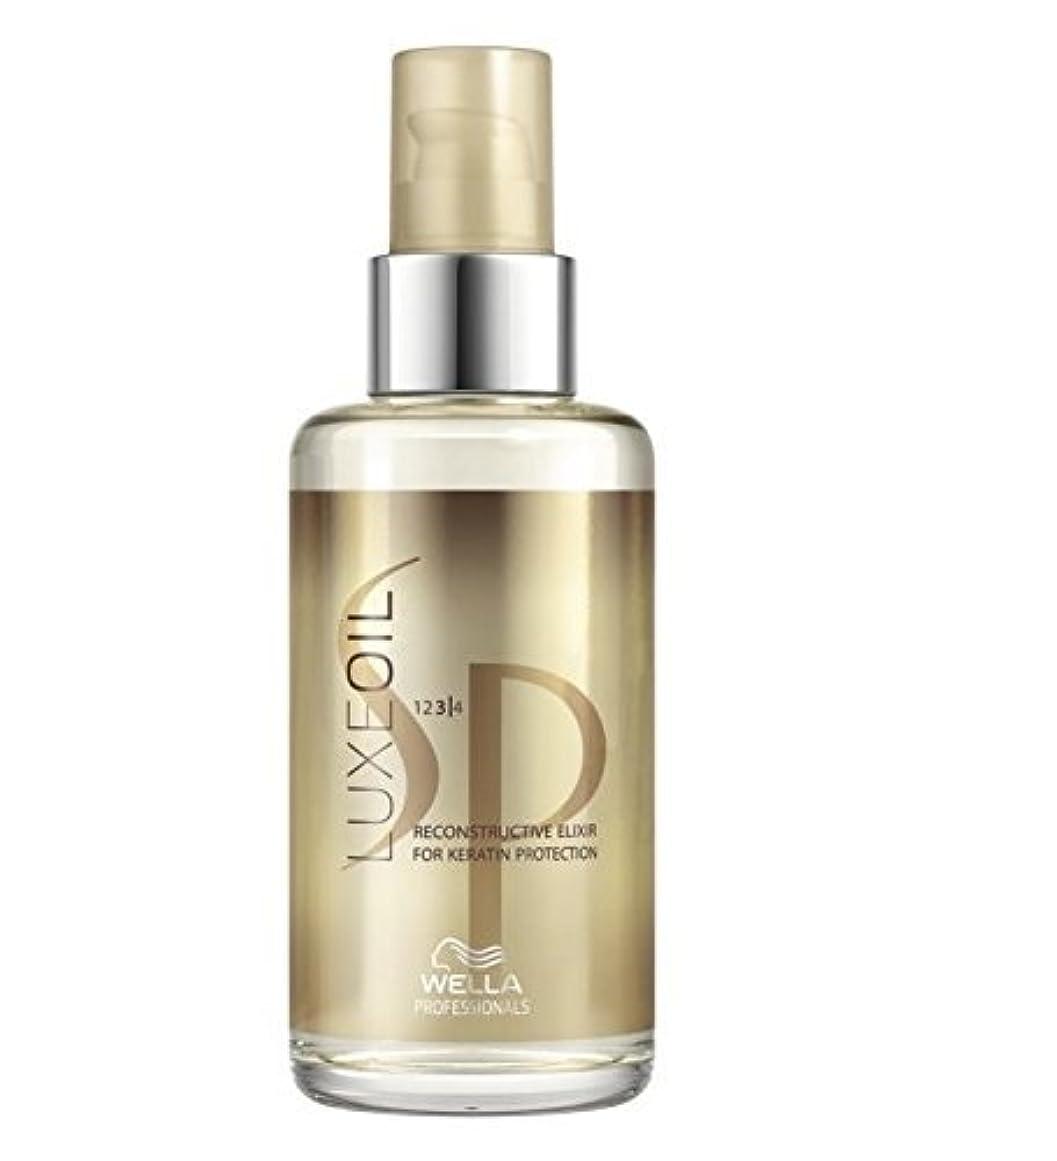 調整調整精神医学SP by Wella Luxe Hair Oil Reconstructive Elixir 100ml by Wella [並行輸入品]